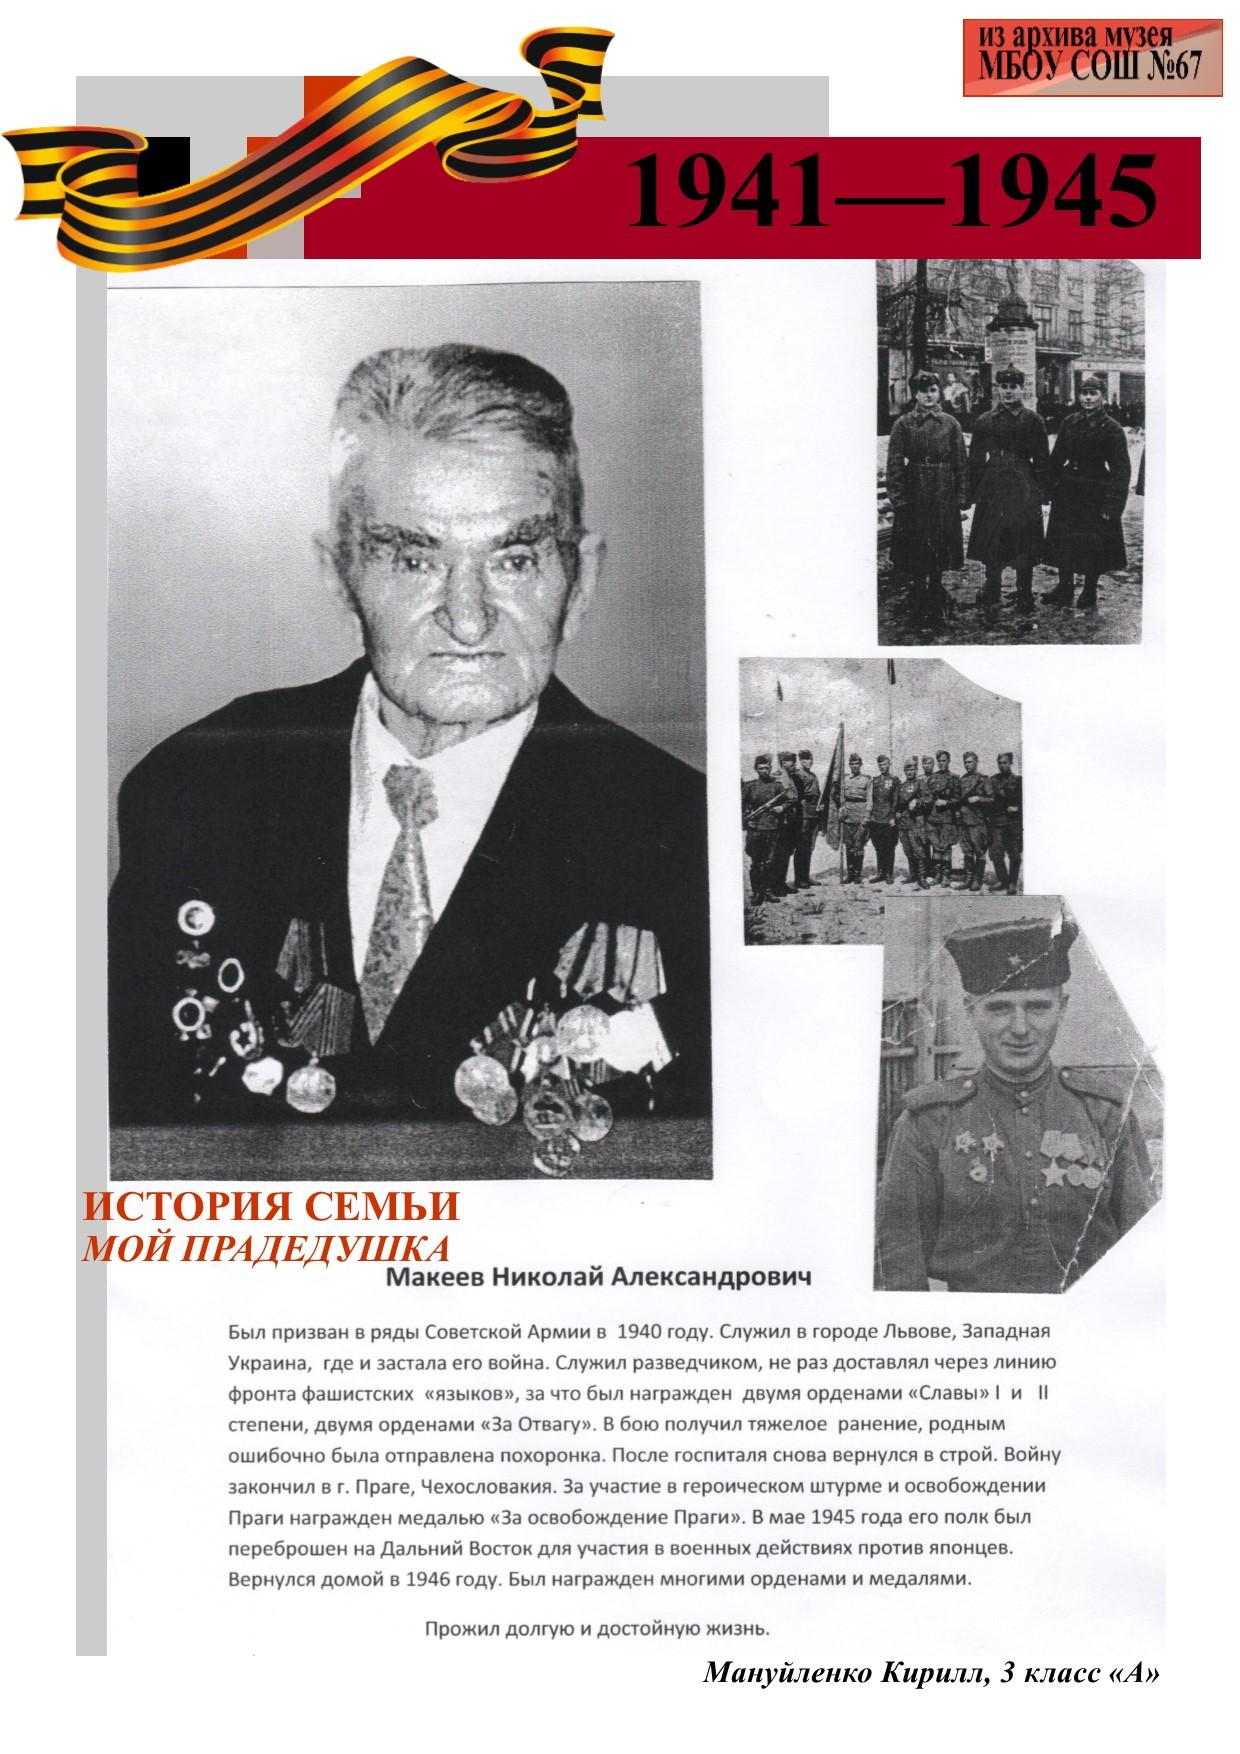 прадедушка Мануйленко К. _ 3А